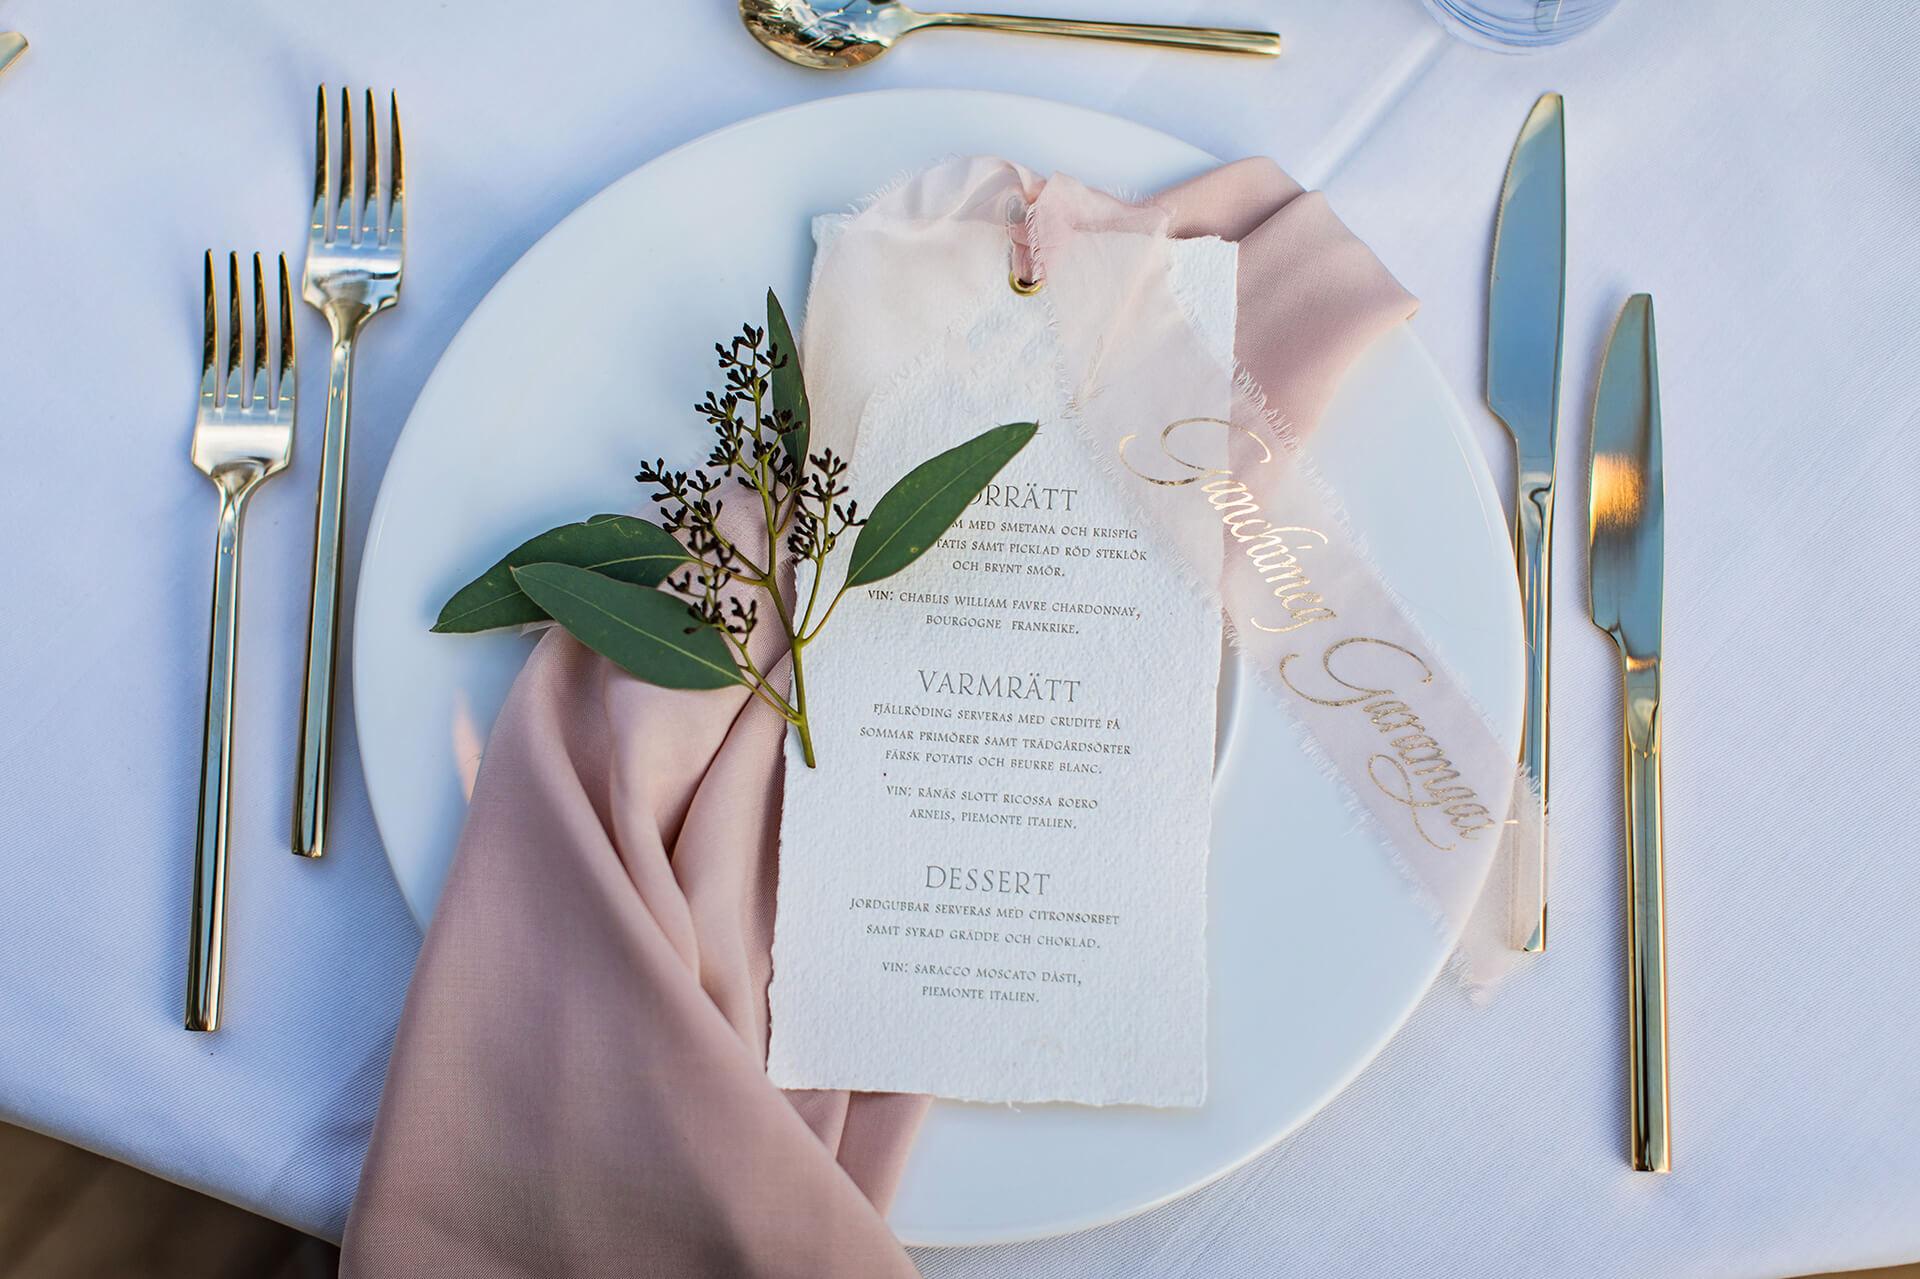 Bröllopsdukning med bestick och meny samt blommarrangemang